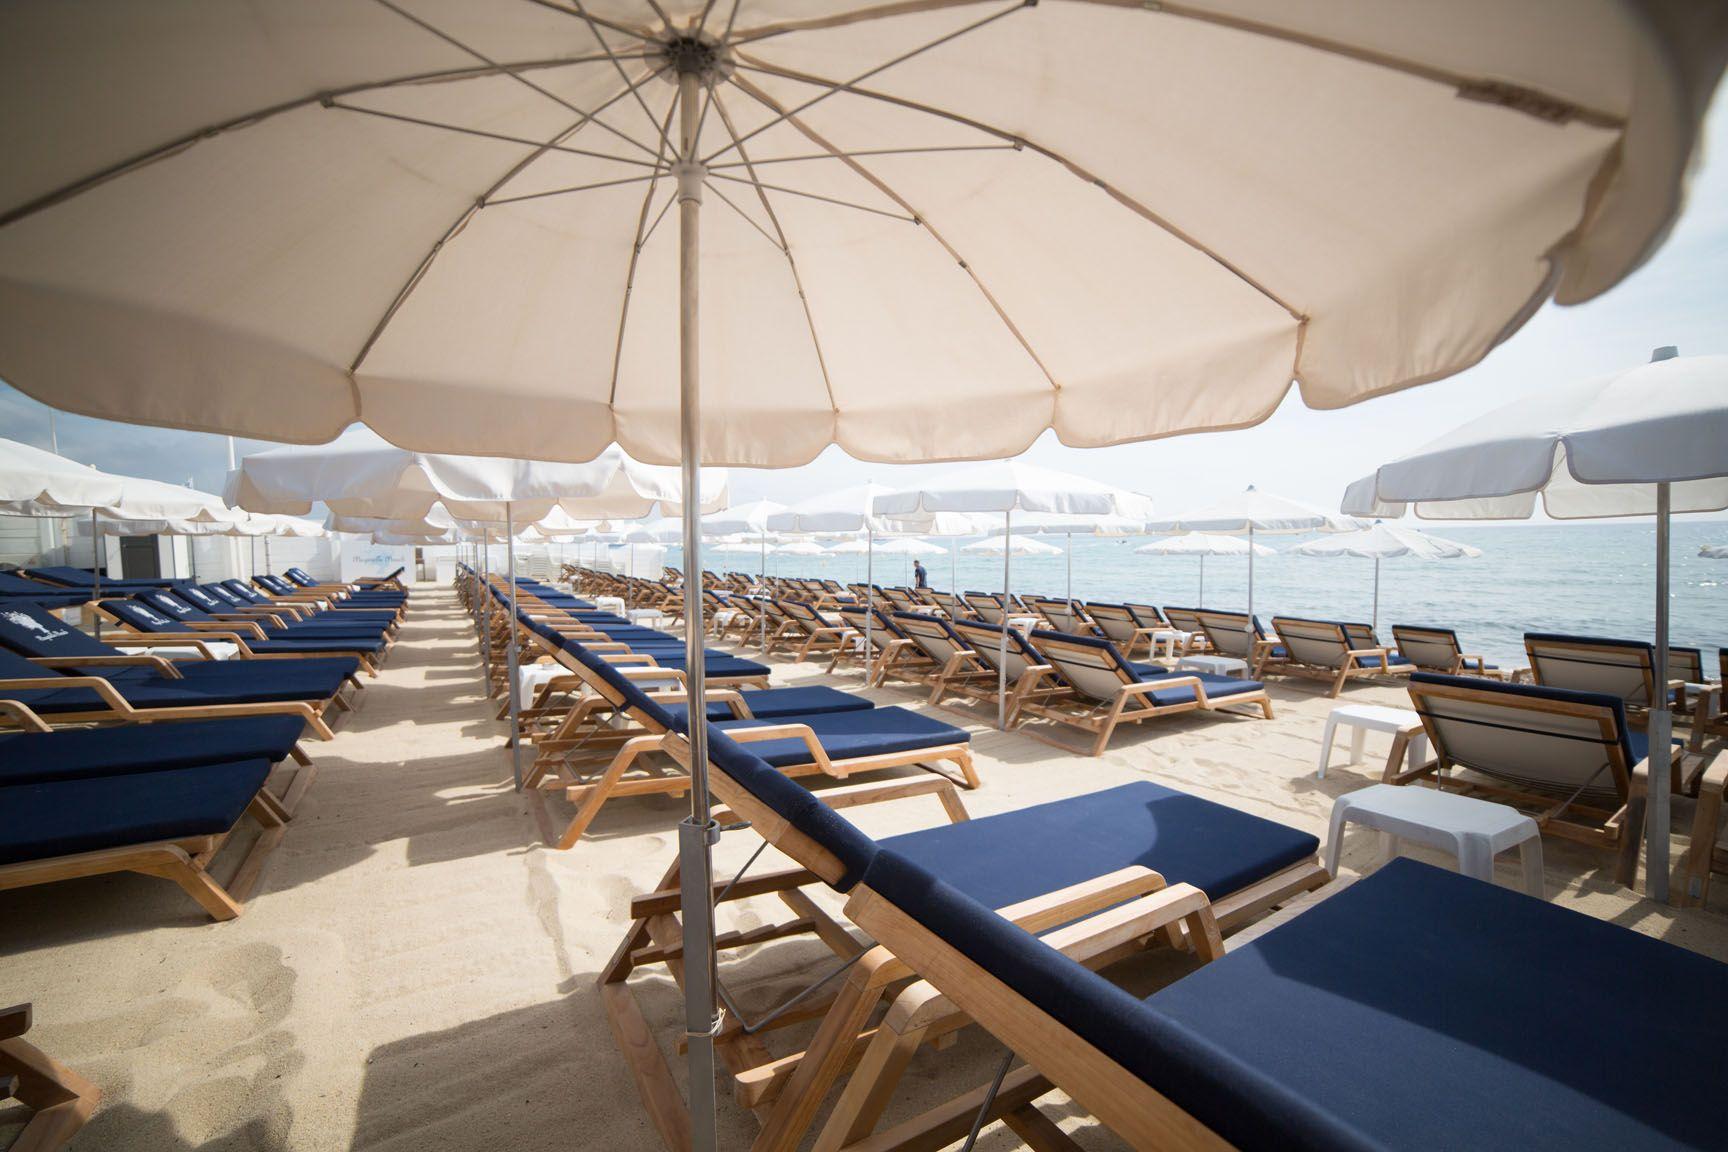 Bagatelle Beach Saint Tropez Saint Tropez Plage Belle Plage